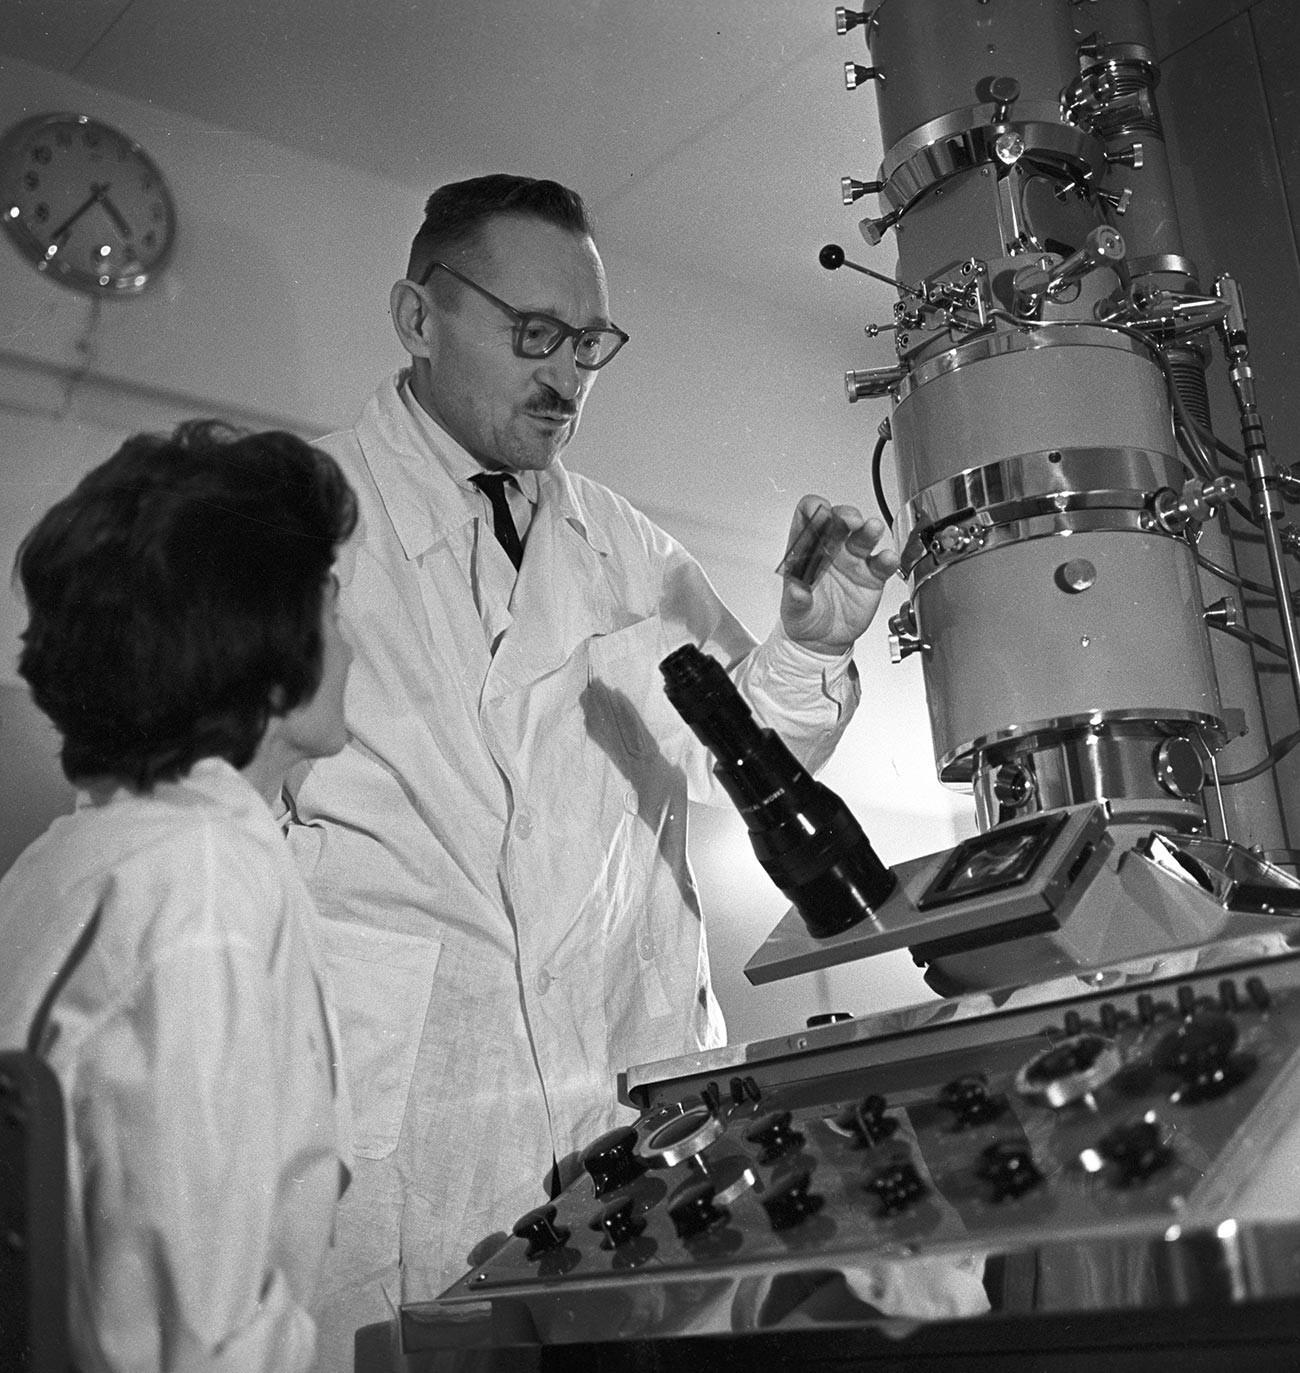 Sovjetski znanstvenik Viktor Ždanov, kategorički je odbijao tvrdnje da je AIDS umjetno stvoren.